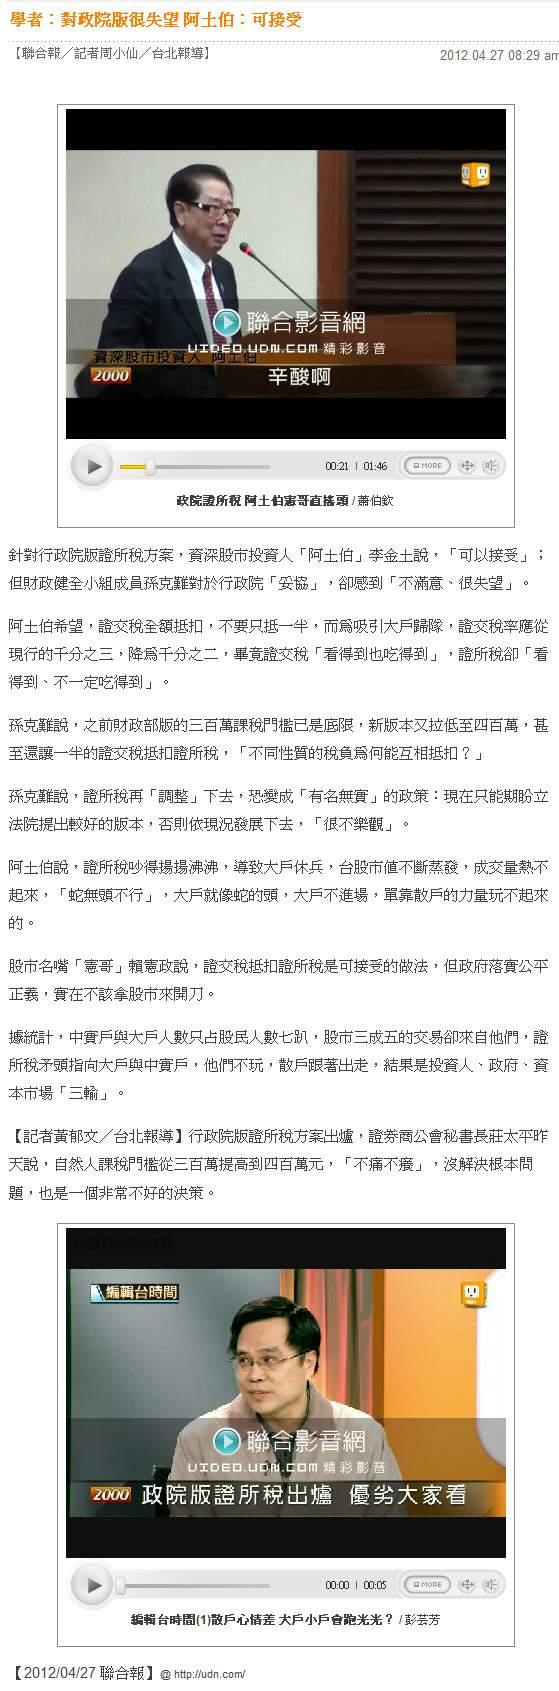 學者:對政院版很失望 阿土伯:可接受-2012.04.27